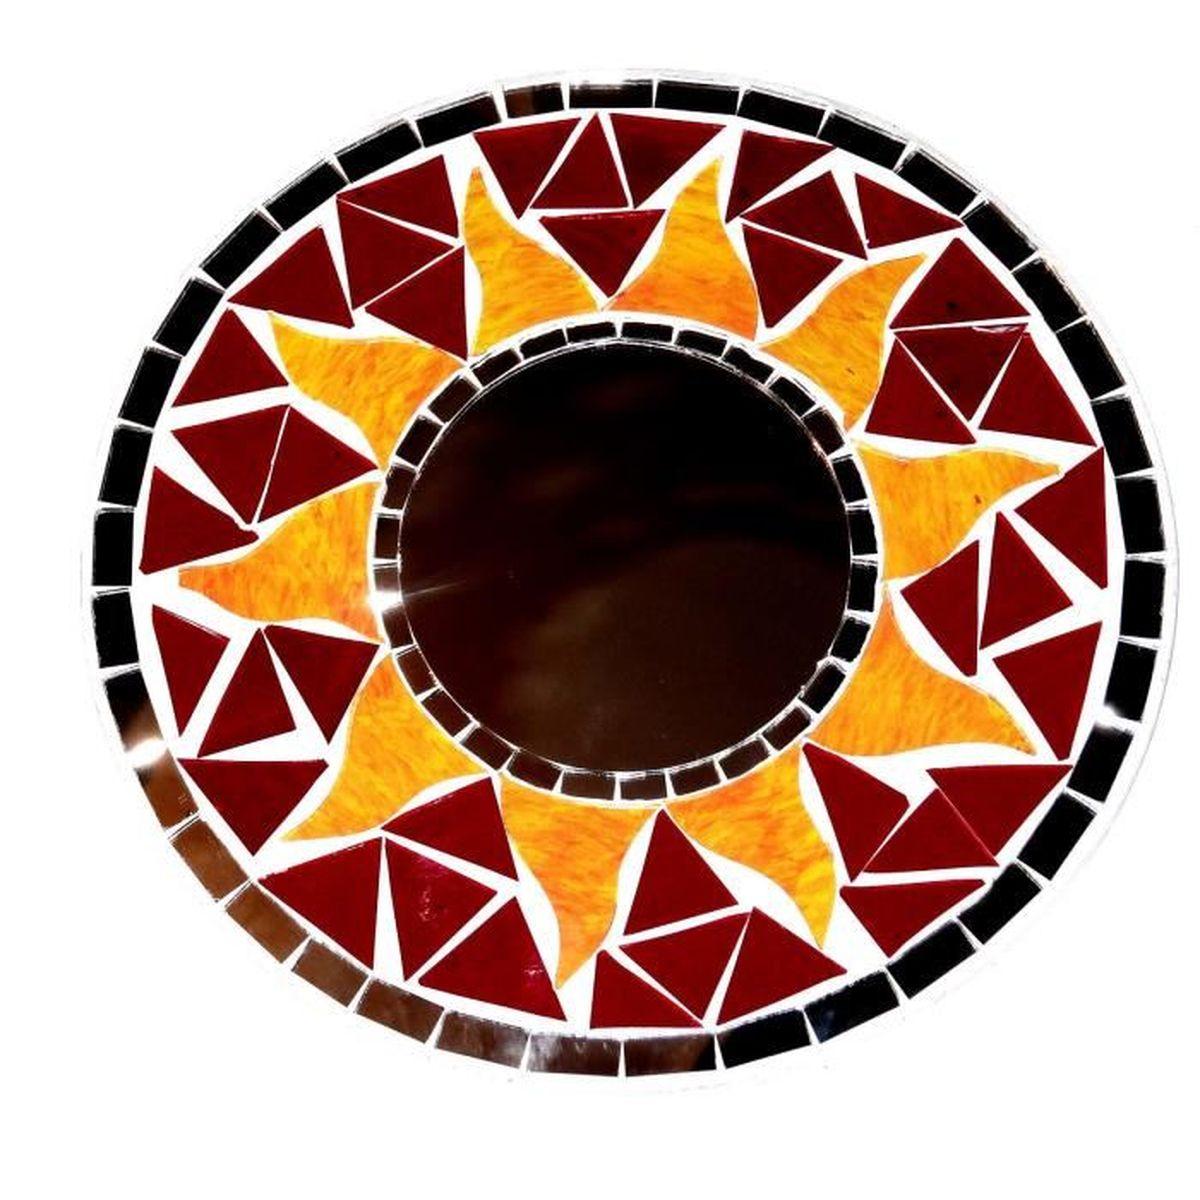 Miroir en mosa que glace bois soleil artisanat mosaic for Glace soleil miroir